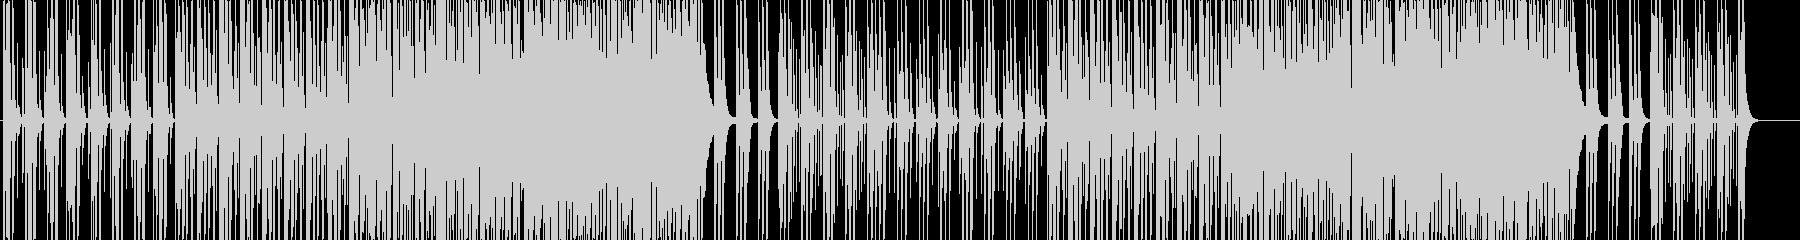 映像等=エレクトロ★カフェ・西海岸ハウスの未再生の波形